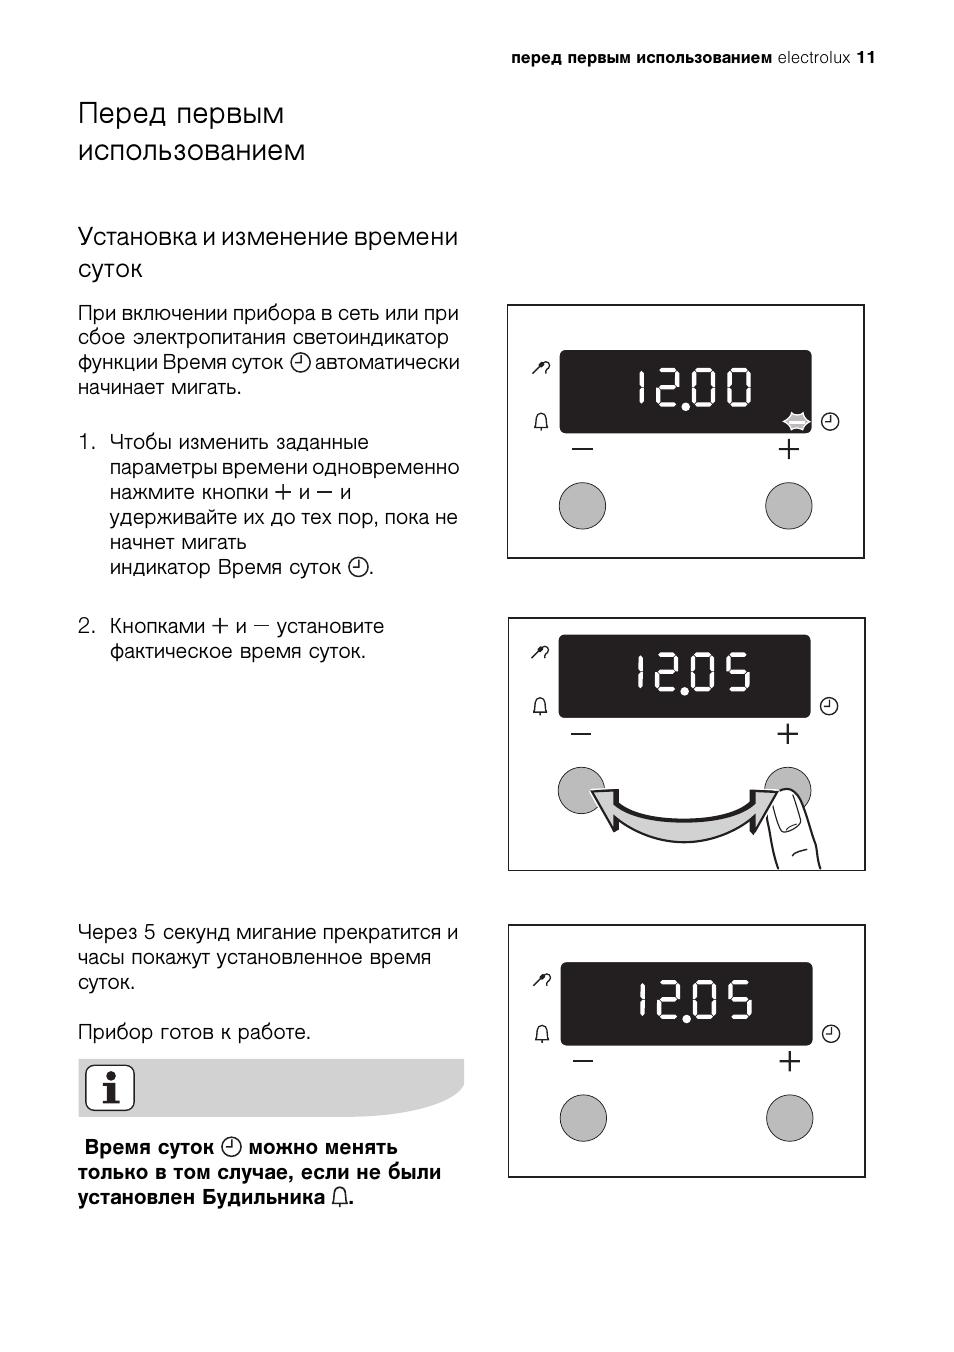 Плита электролюкс как настроить часы